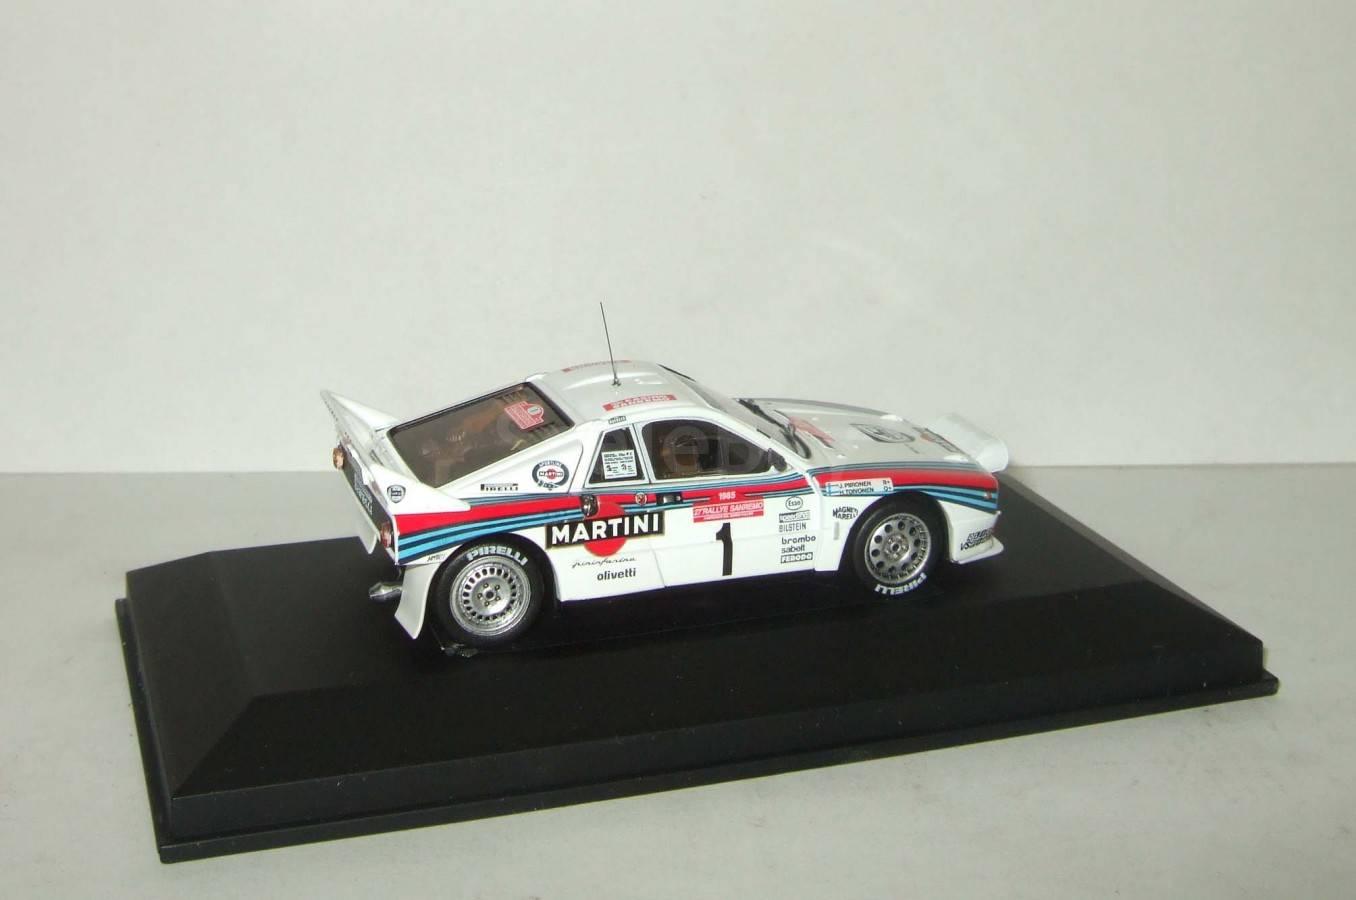 lancia 037 № 1 rally sanremo 1985 hpi racing 1:43 958 | Аукцион